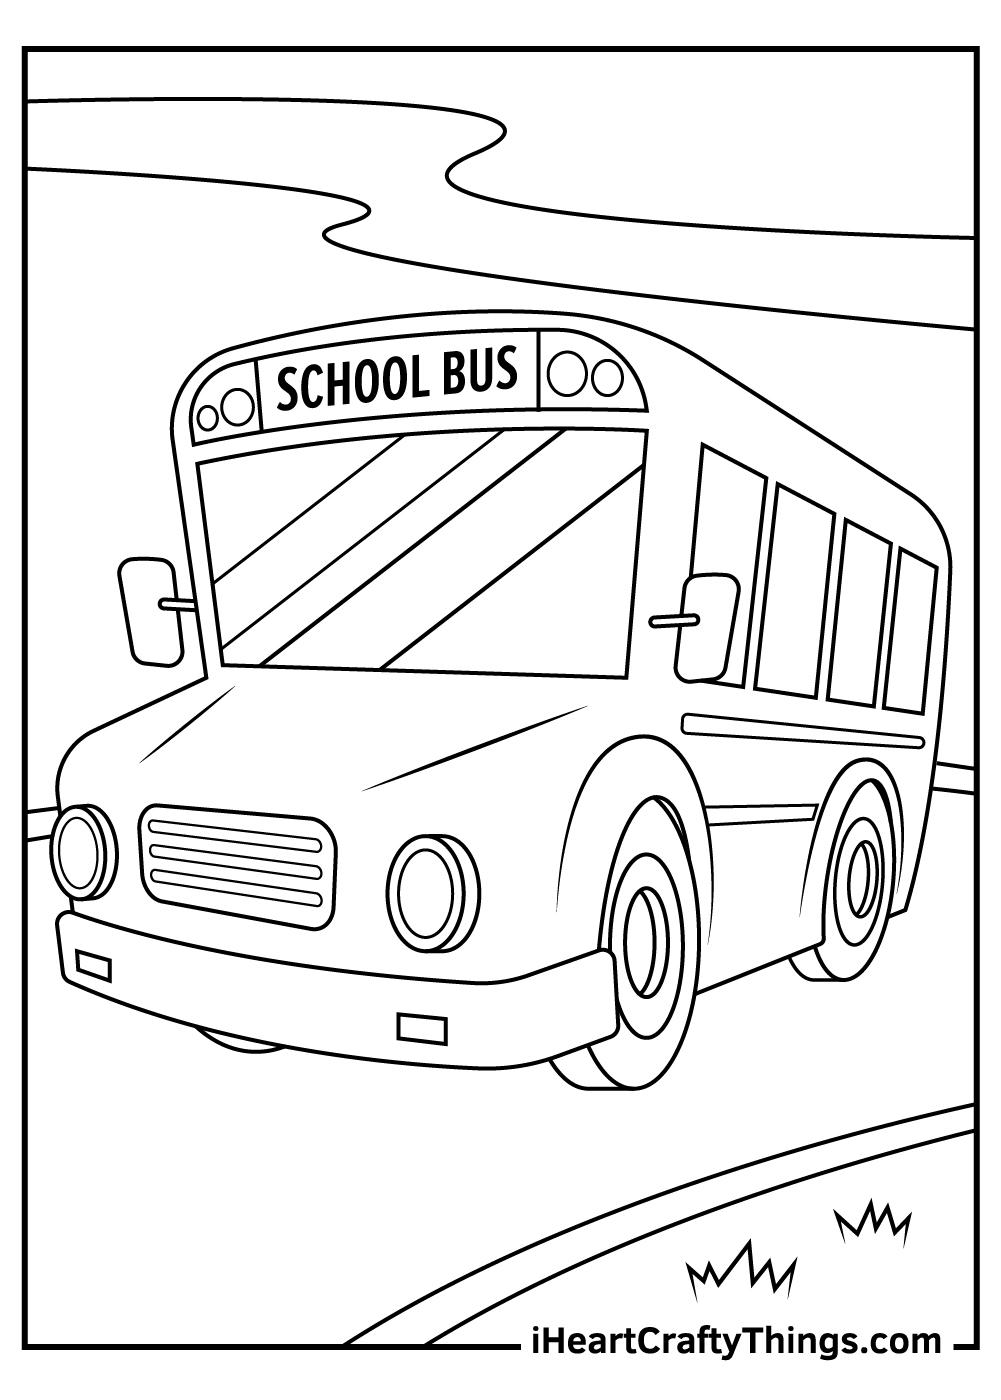 preschool school bus coloring pages